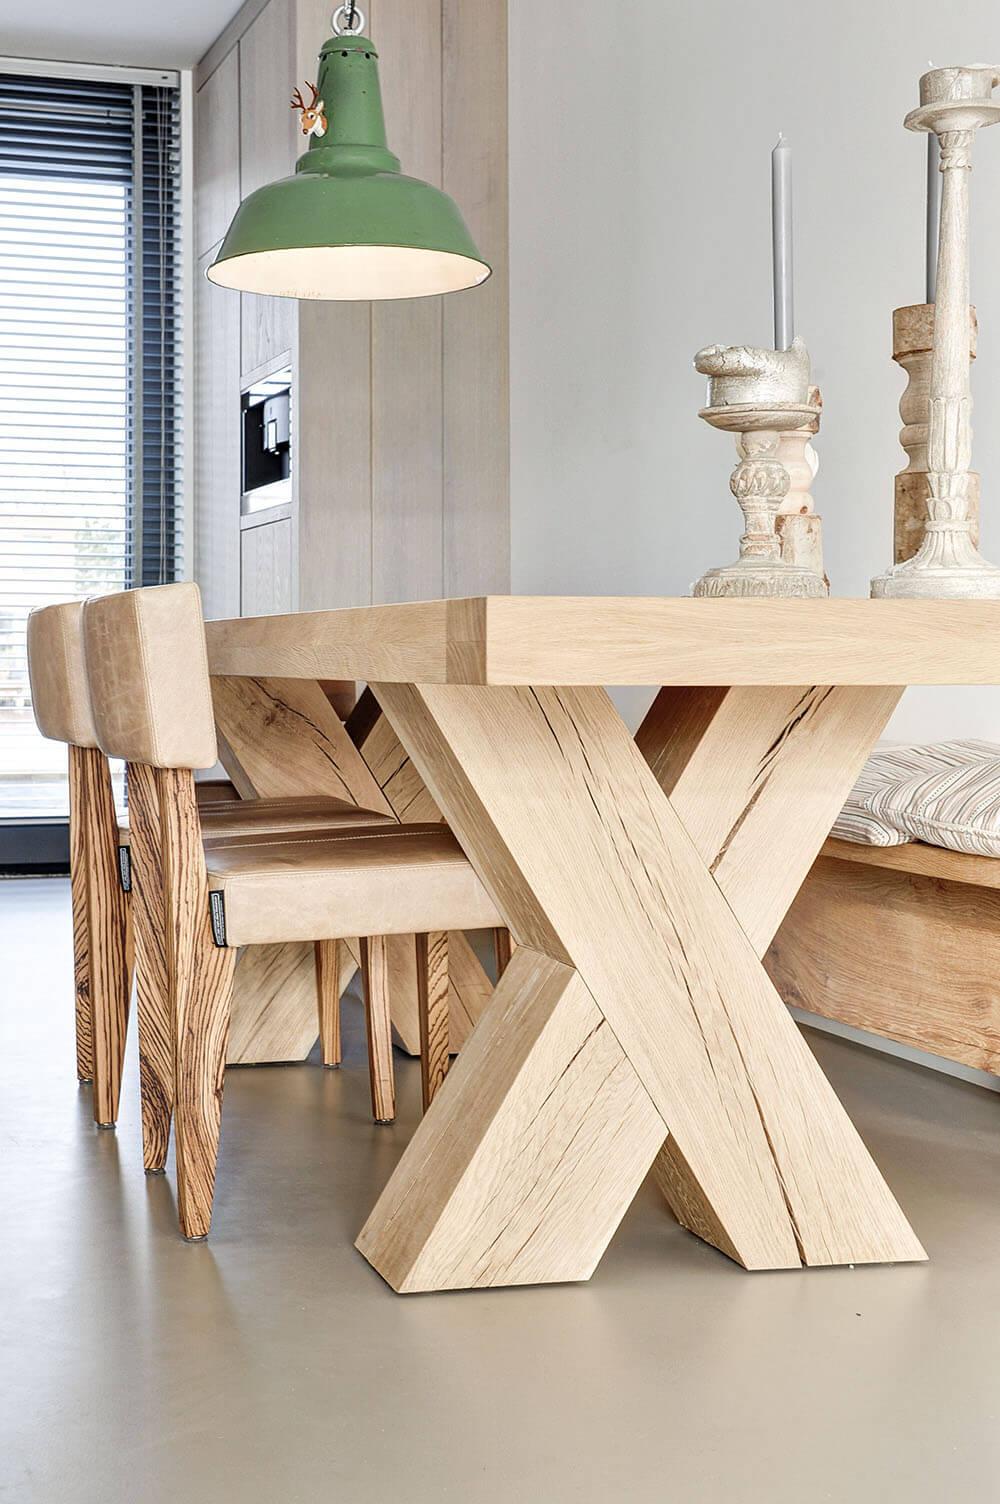 дерев'янний стіл на кухні